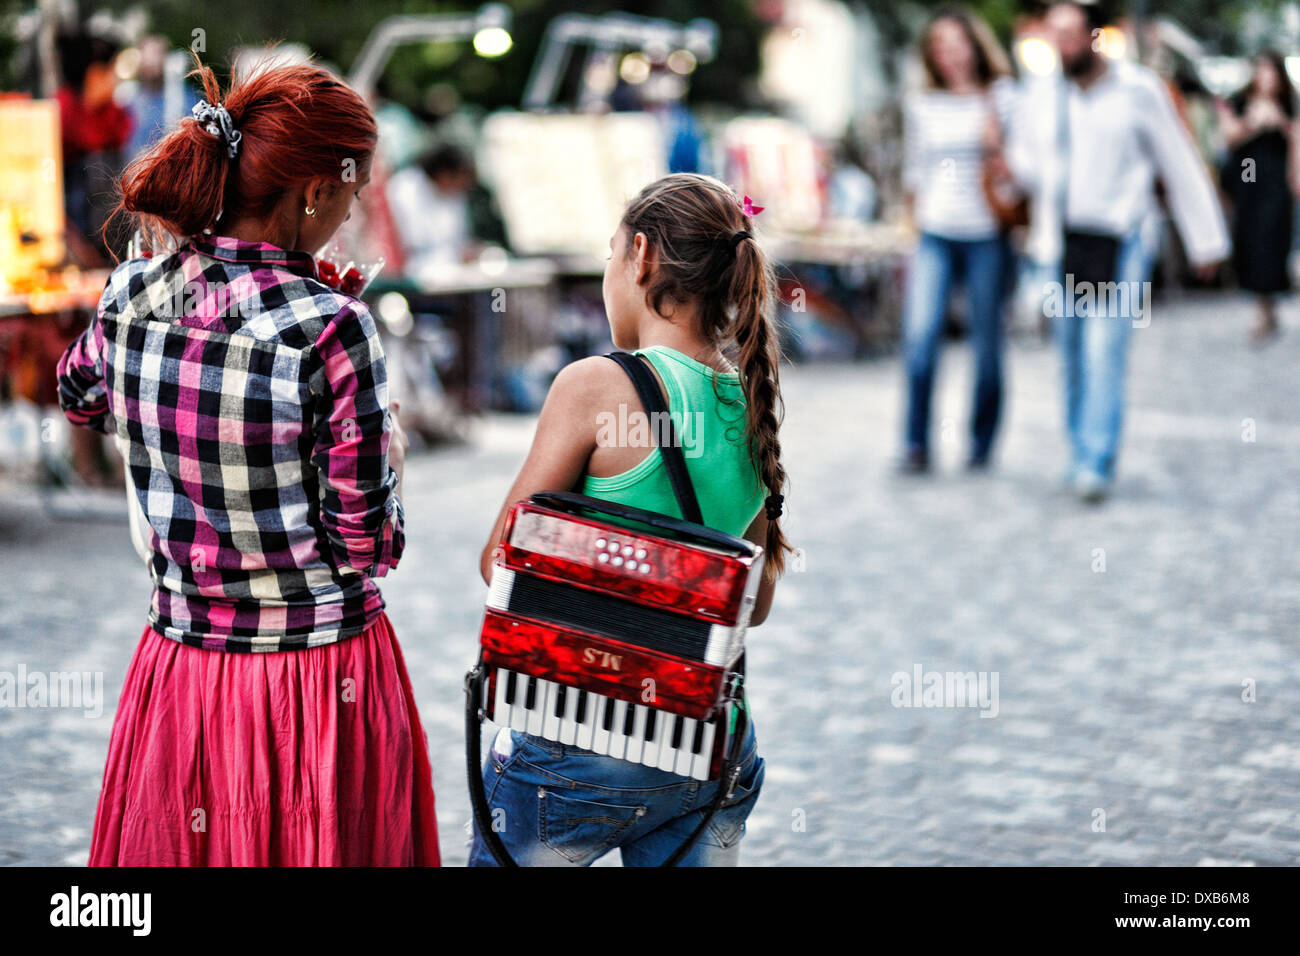 Le ragazze con la fisarmonica in strada di Atene, Grecia Immagini Stock